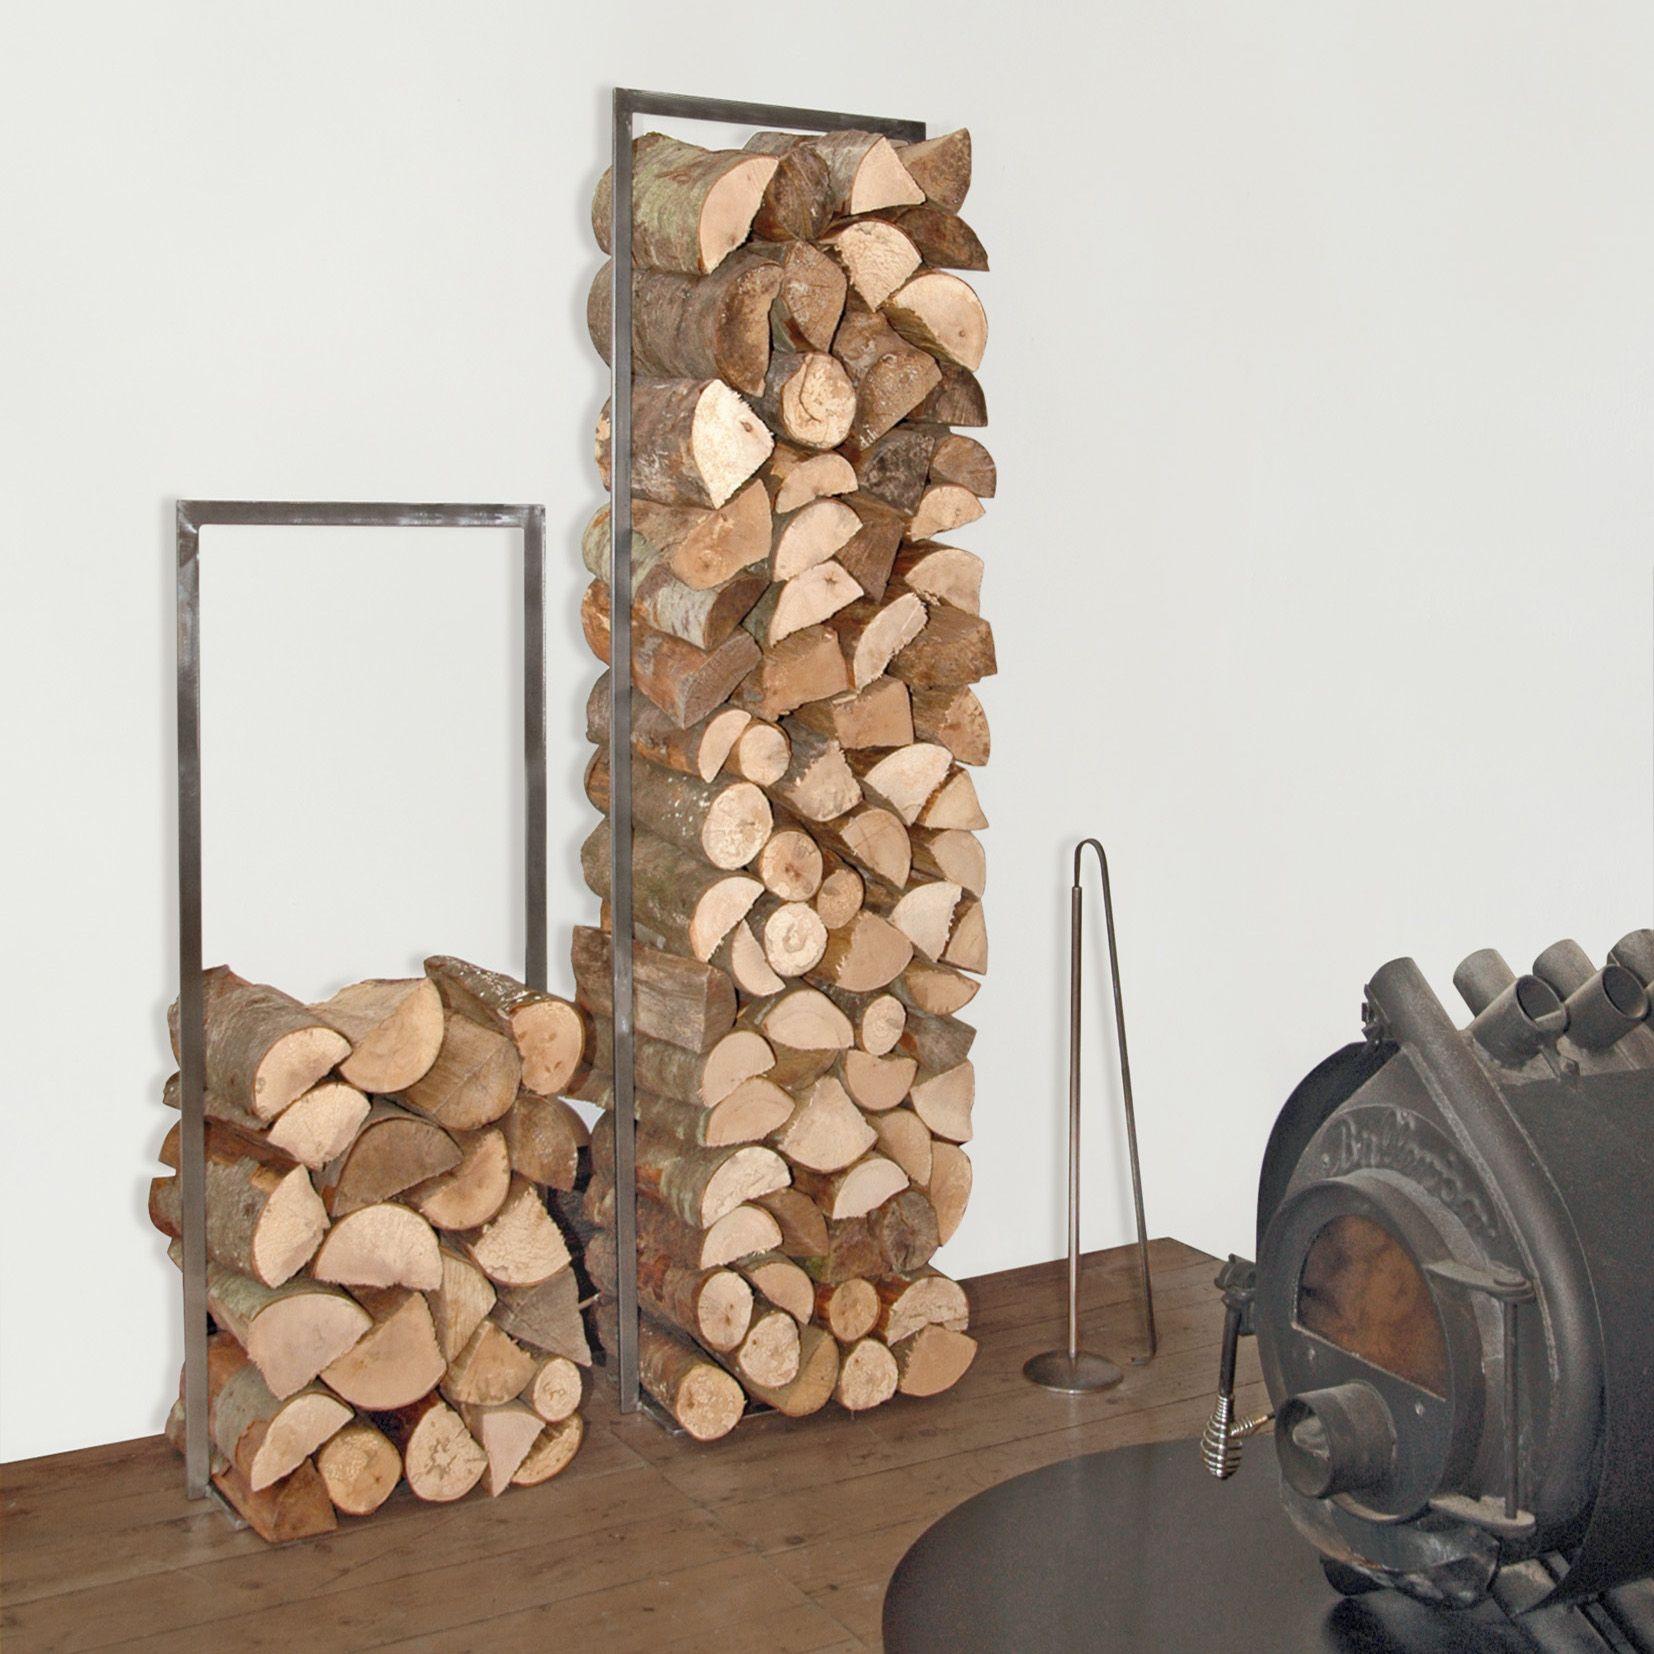 Rustikt og flott vedstativ fra Raumgestalt. Perkfekt til nykløyvd ved! Stativet kan brukes både inne og ute og fremstår elegant og skulpturell. Stativet er i hammerslått varmebehandlet jern. Mål H:150 B:40 cm Denne varen koster 249,- i frakt.